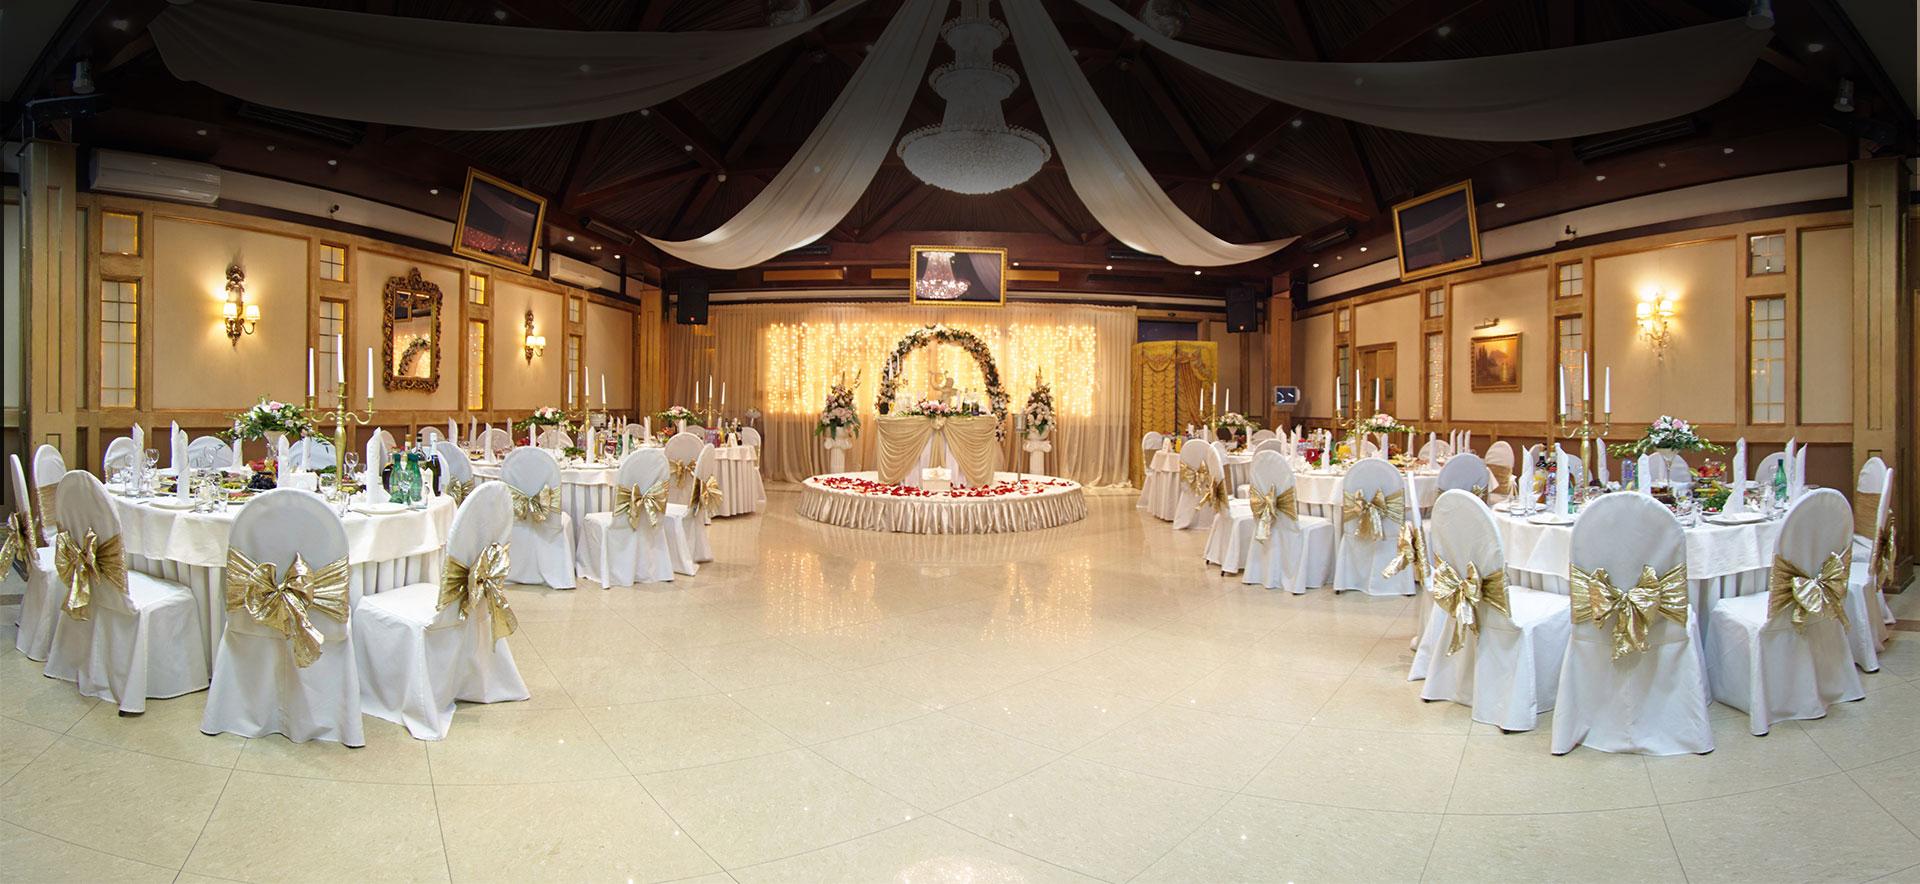 Картинки по запросу банкетный зал для свадьбы